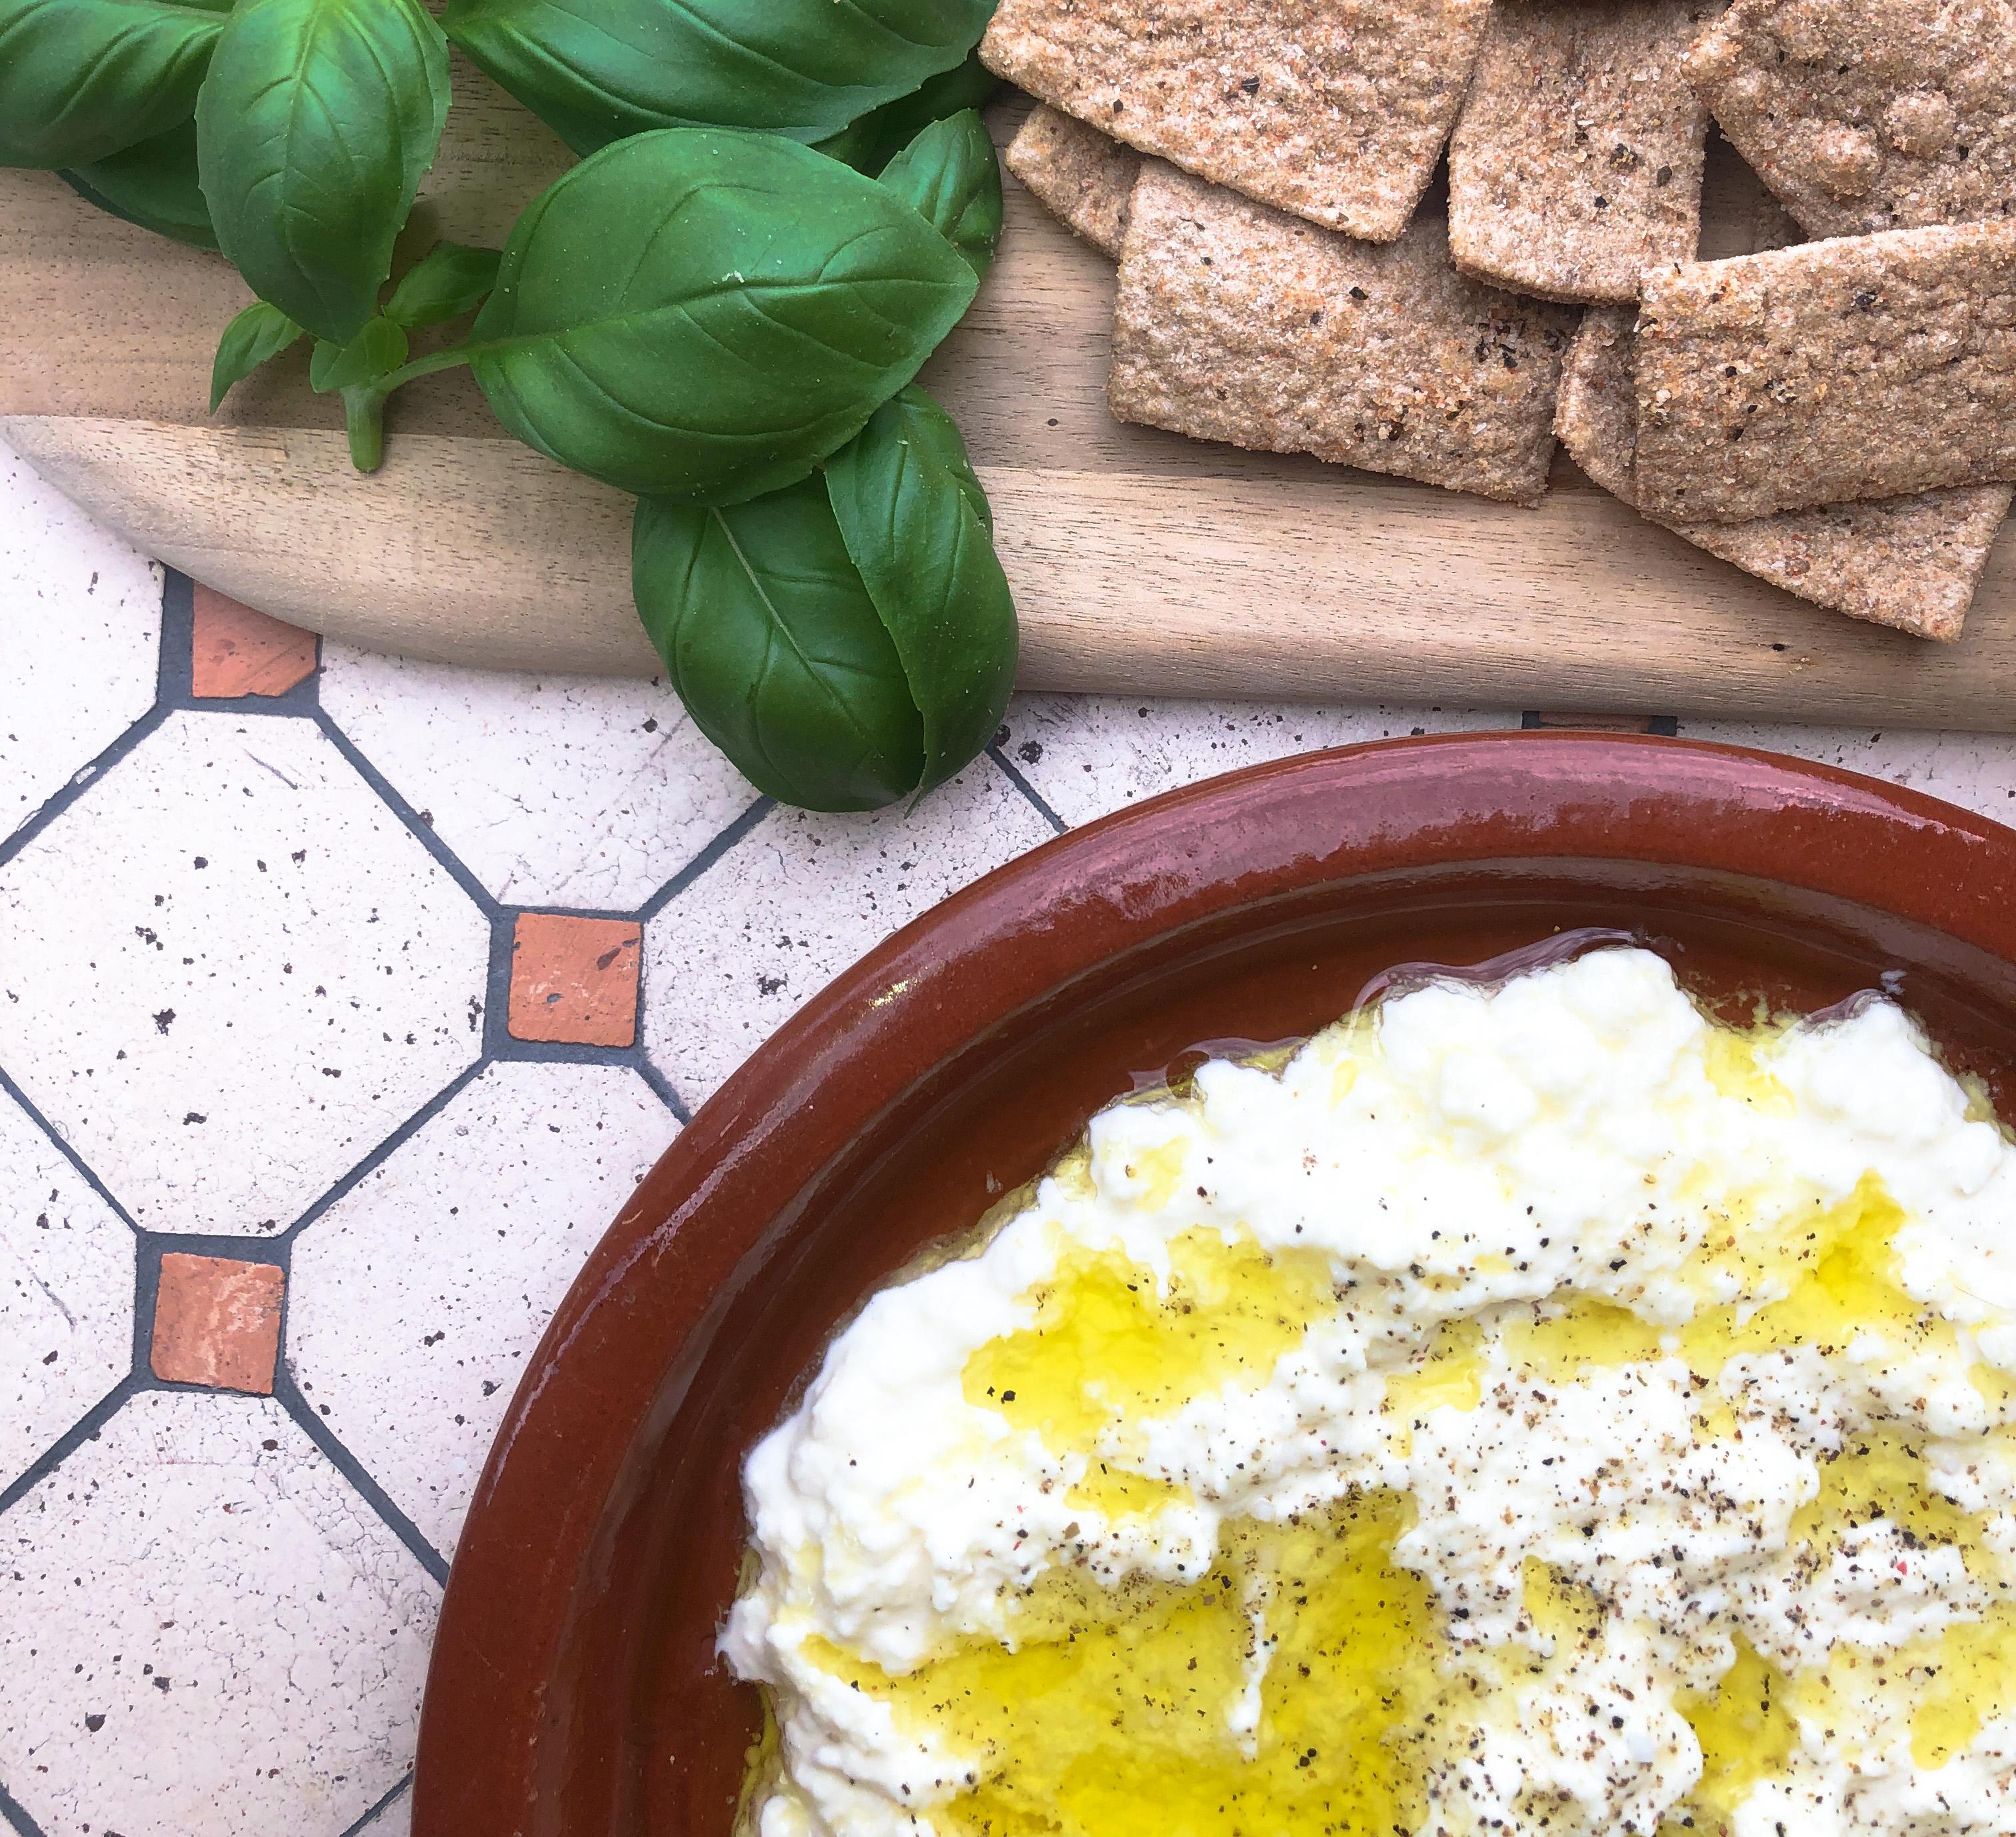 Italian Stracciatella cheese